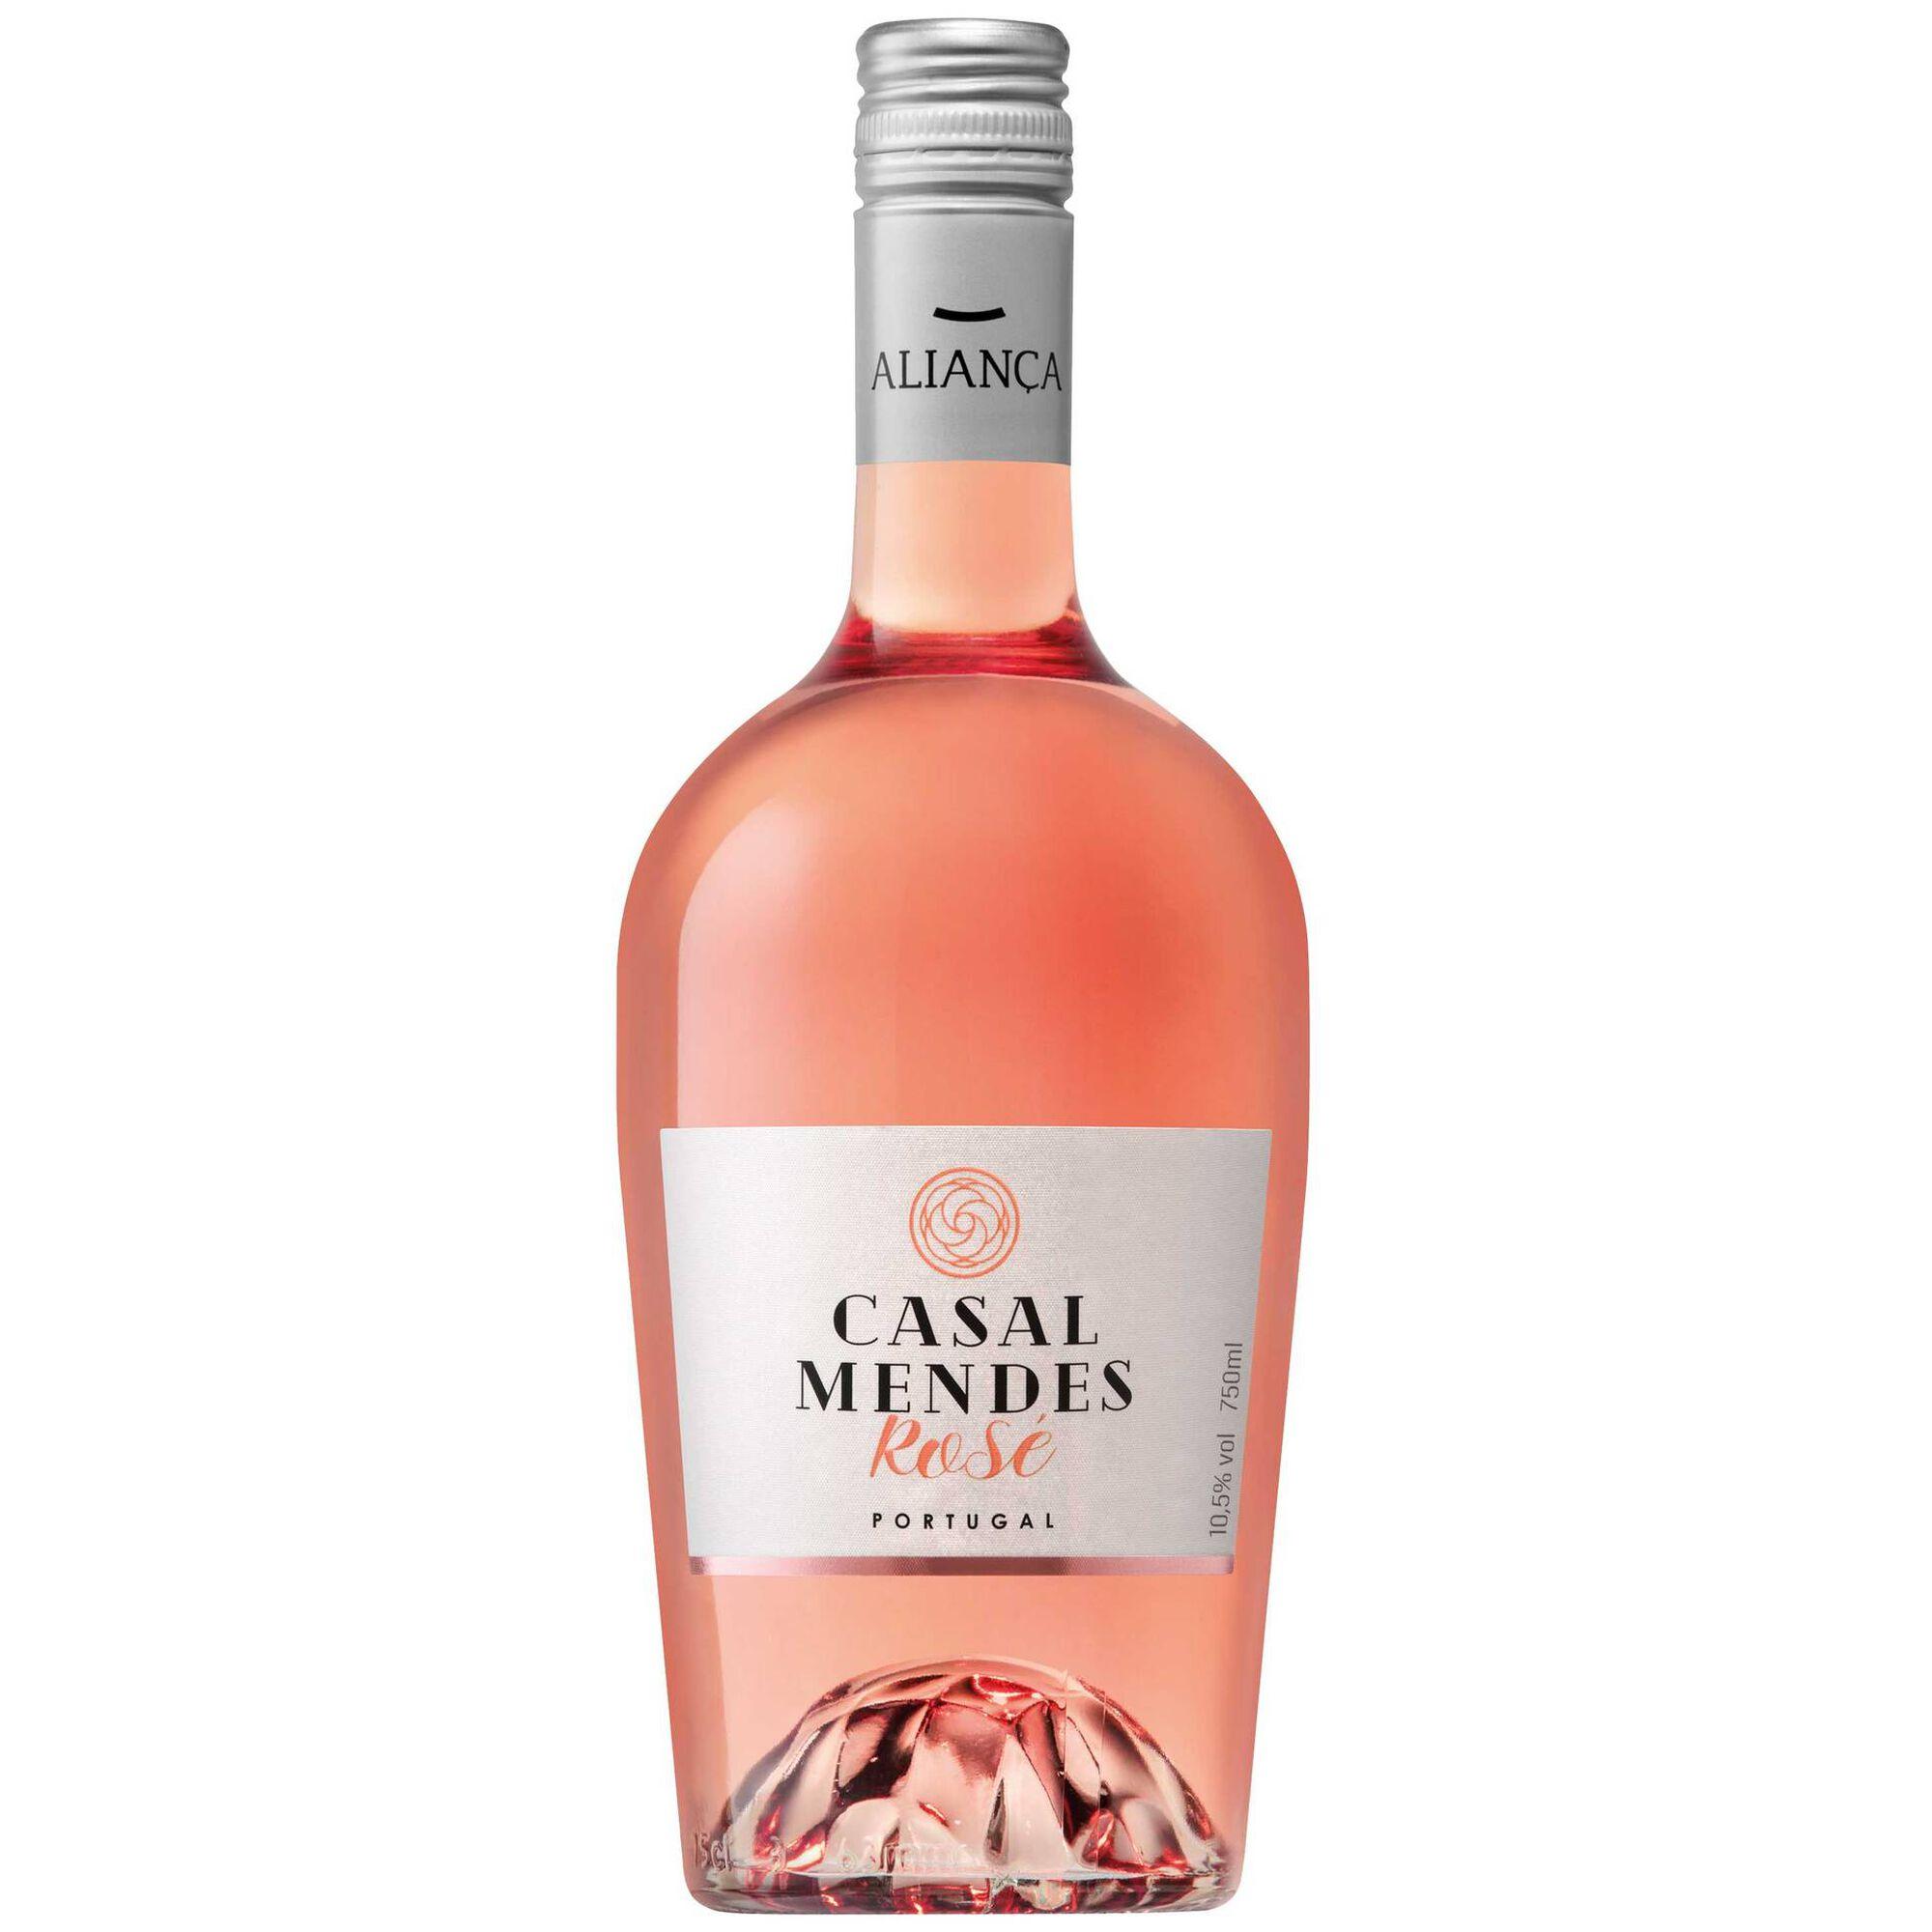 Casal Mendes Vinho Rosé